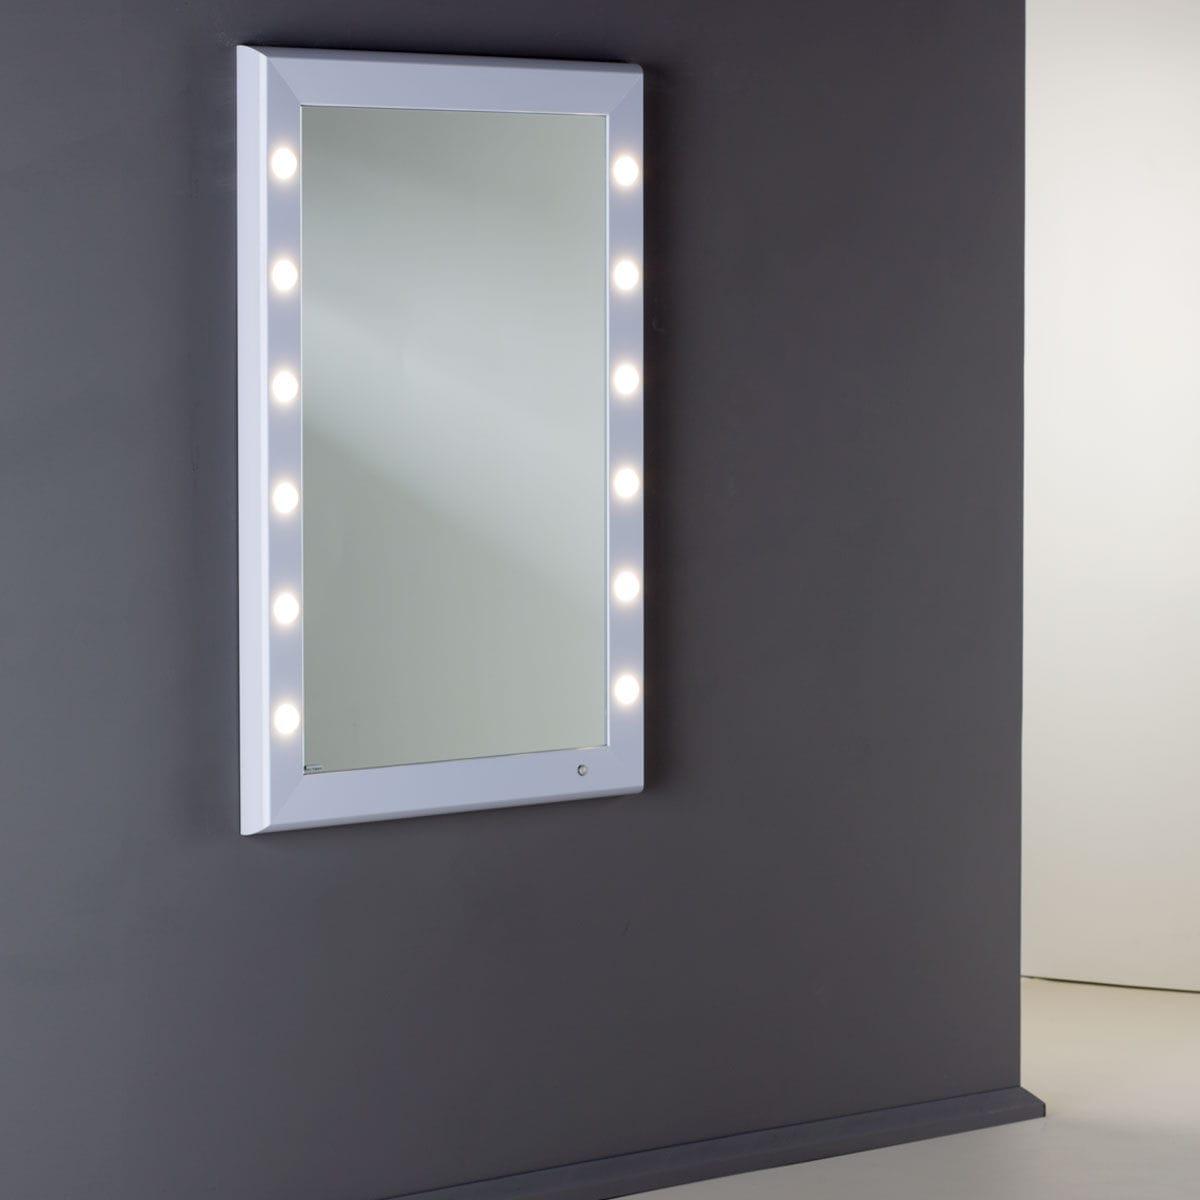 Specchio da bagno a muro / luminoso / per camera da letto / sospeso ...